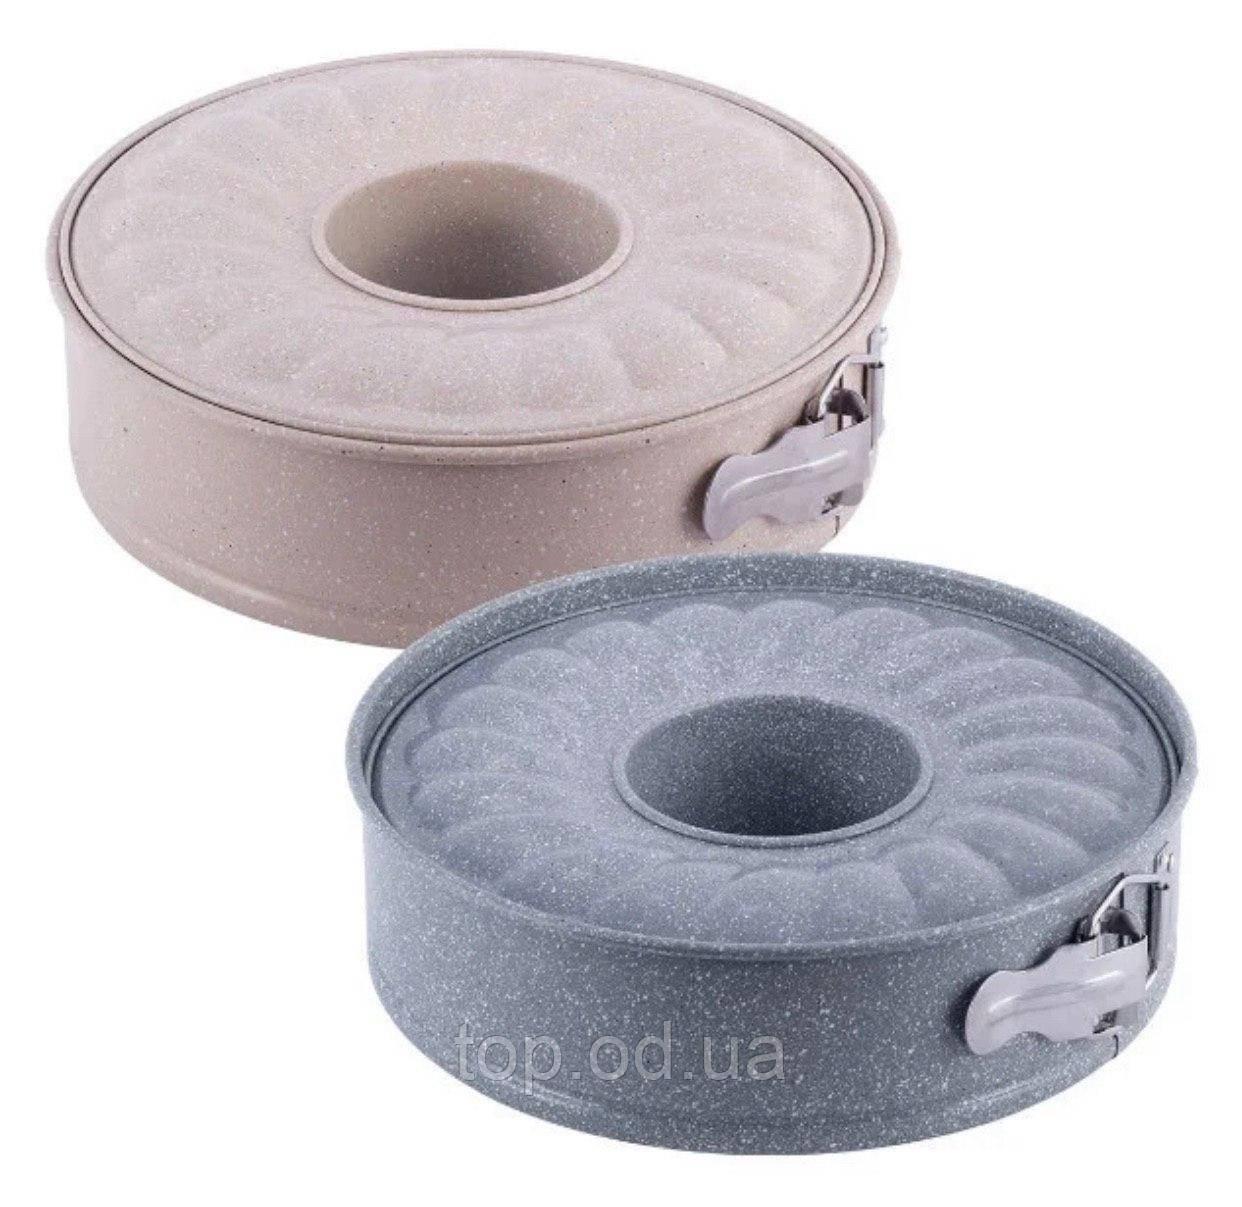 Роз'ємна форма для випічки 24х6,5 см Kamille KM-6025